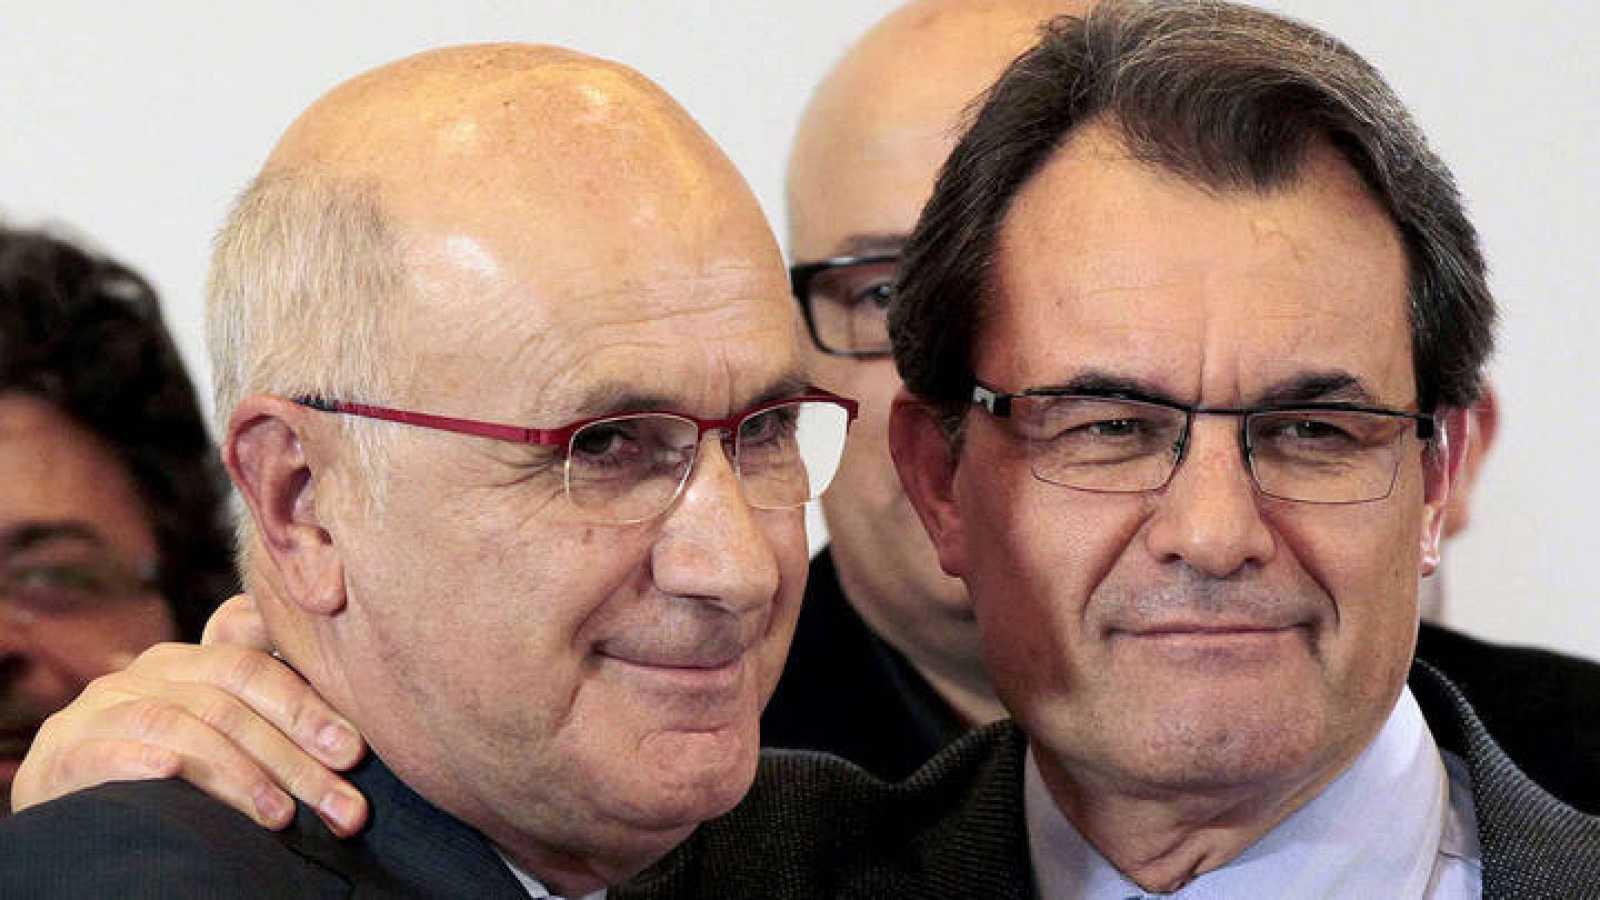 En la imagen, el líder de UDC, Josep Antoni Duran i Lleida junto con el presidente de la Generalitat de Cataluña, Artur Mas